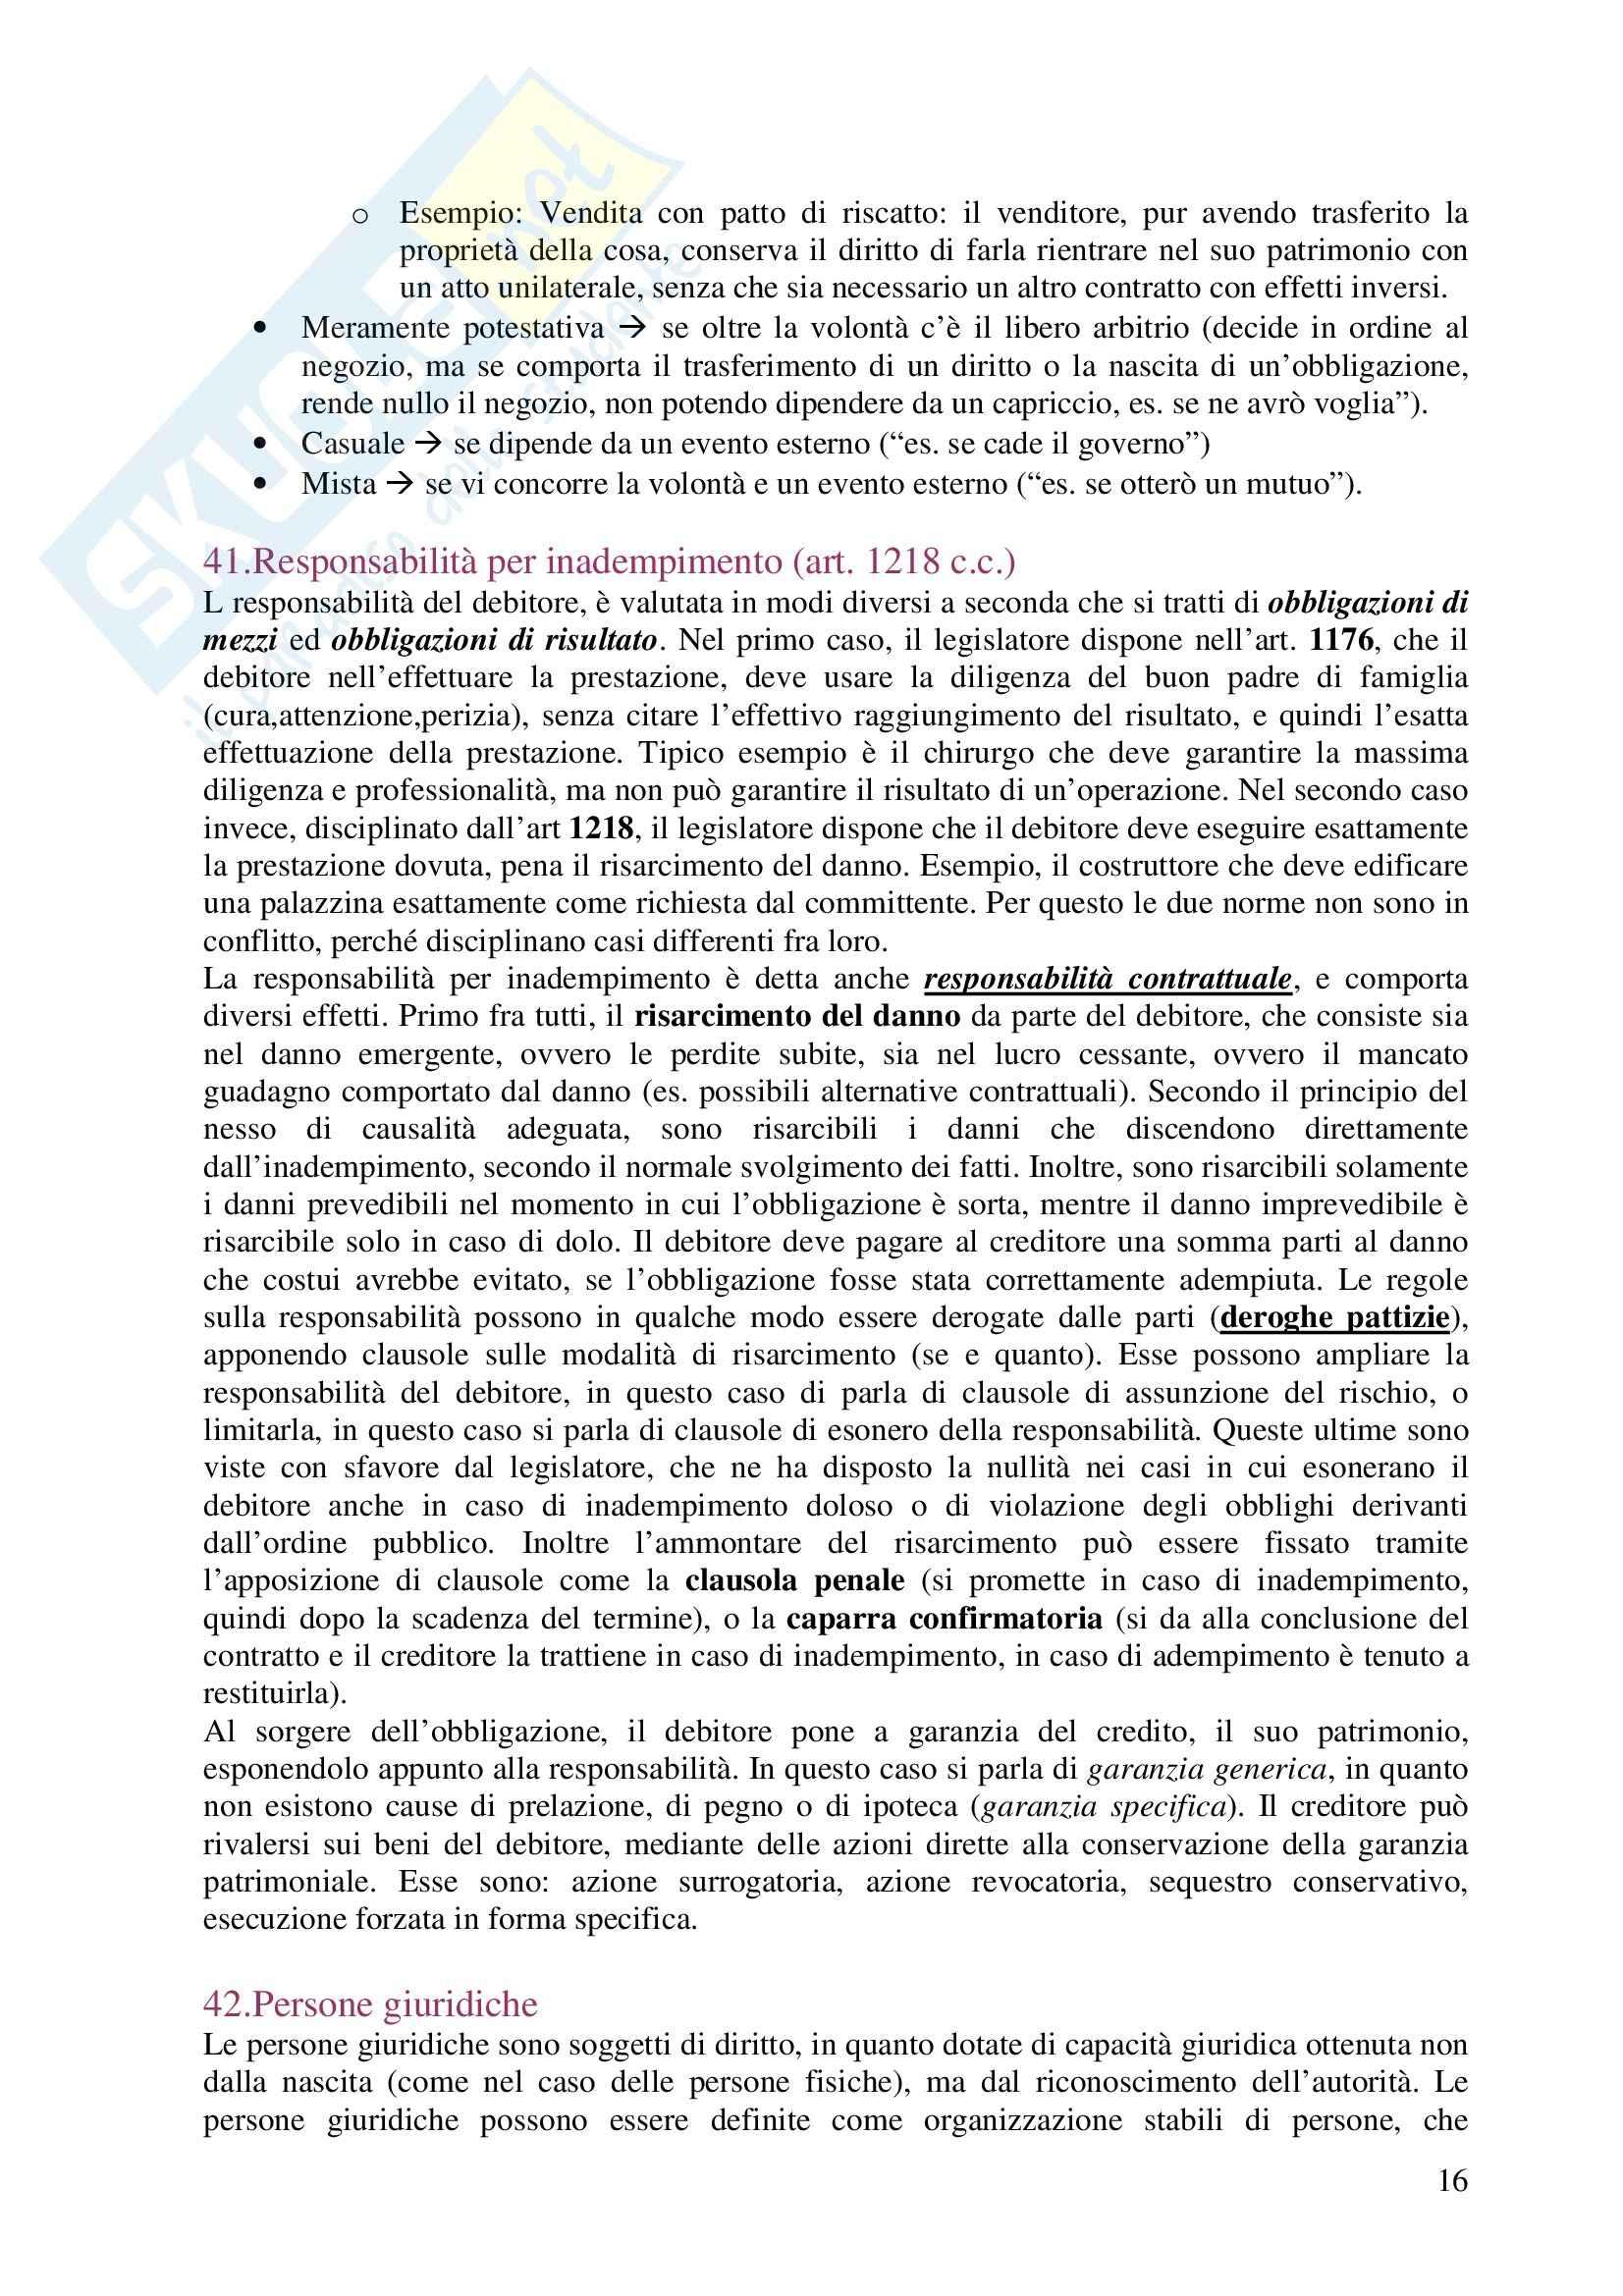 Diritto privato - Domande e risposte Pag. 16